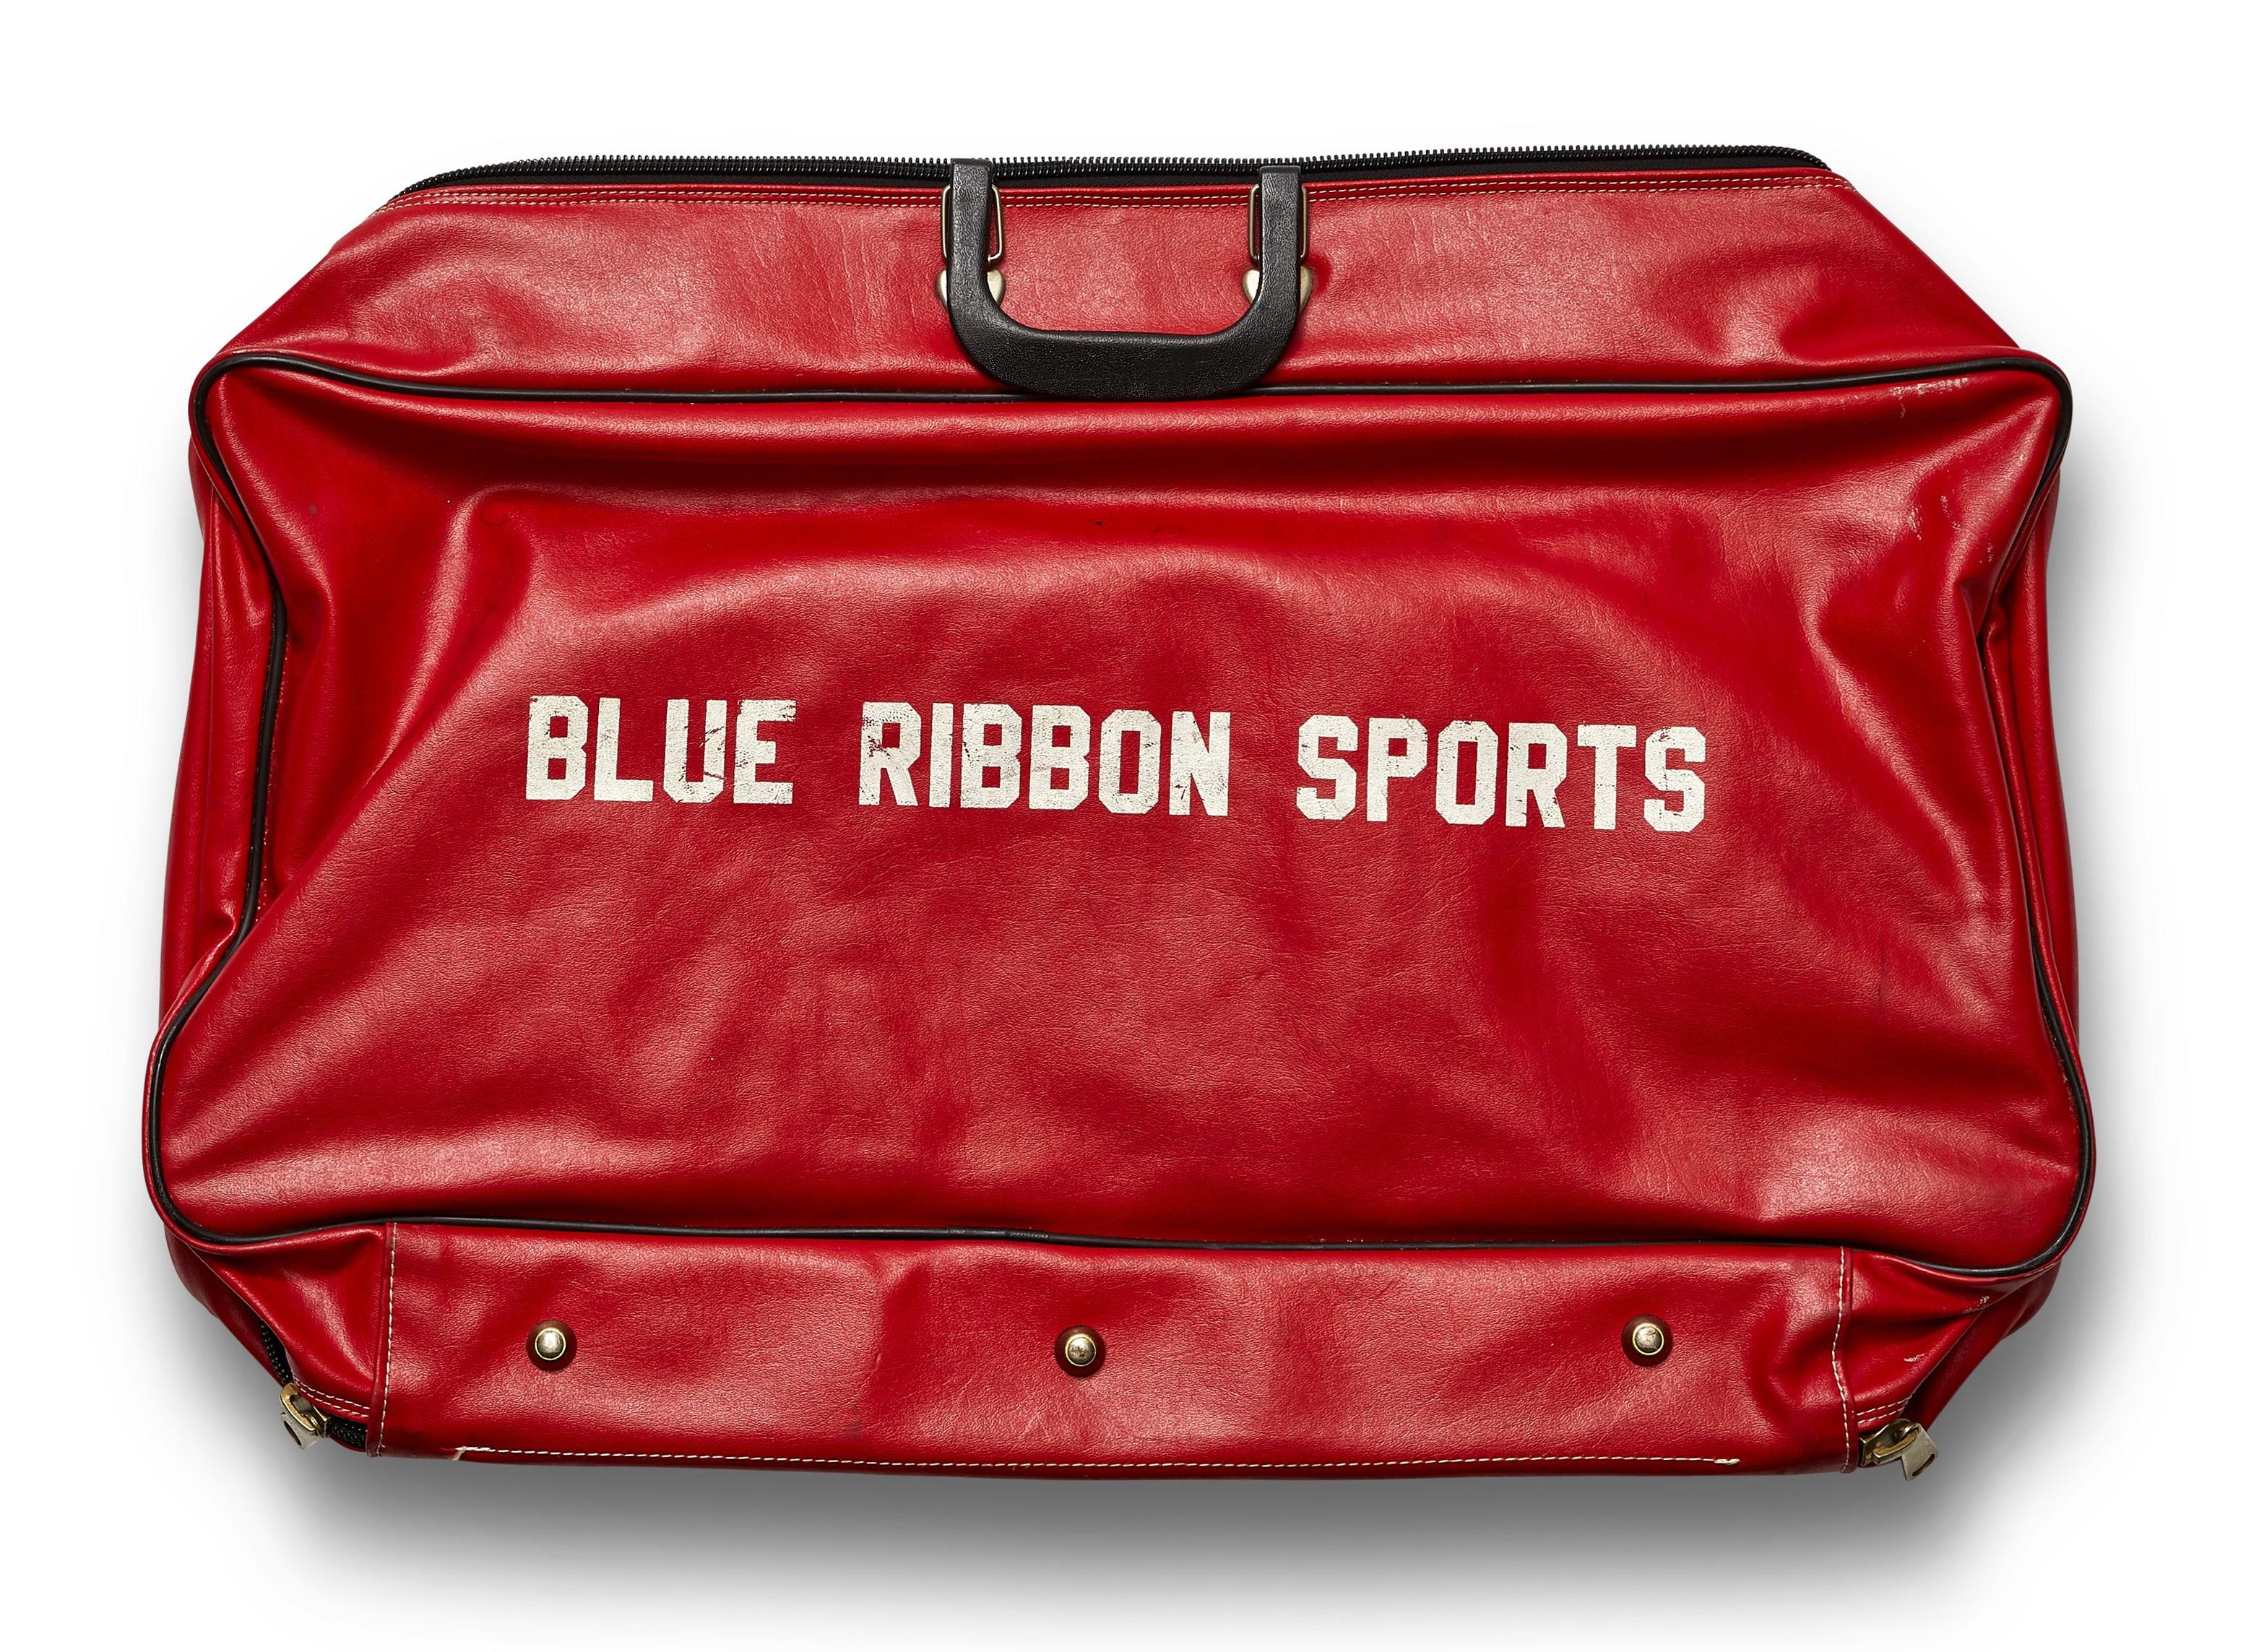 Blue Ribbon Sports Dealer Bag